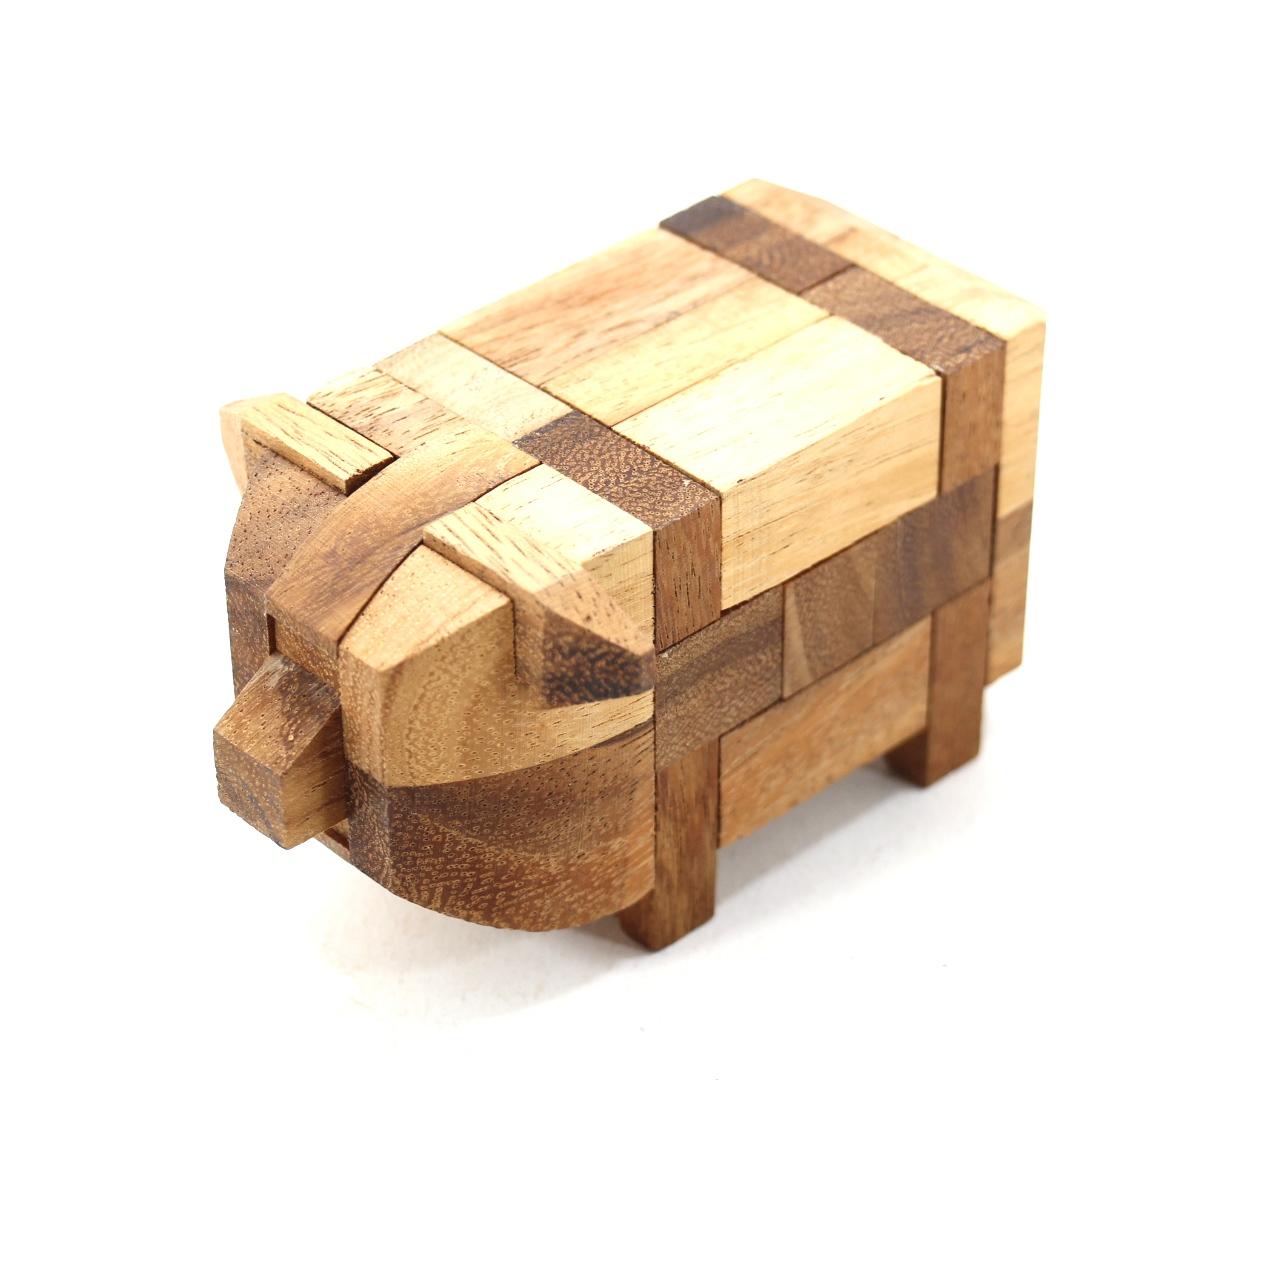 หมูน้อยอุ้ยอ้าย ของเล่นเสริมพัฒนาการ เกมส์ฝึกสมอง ของเล่นไม้